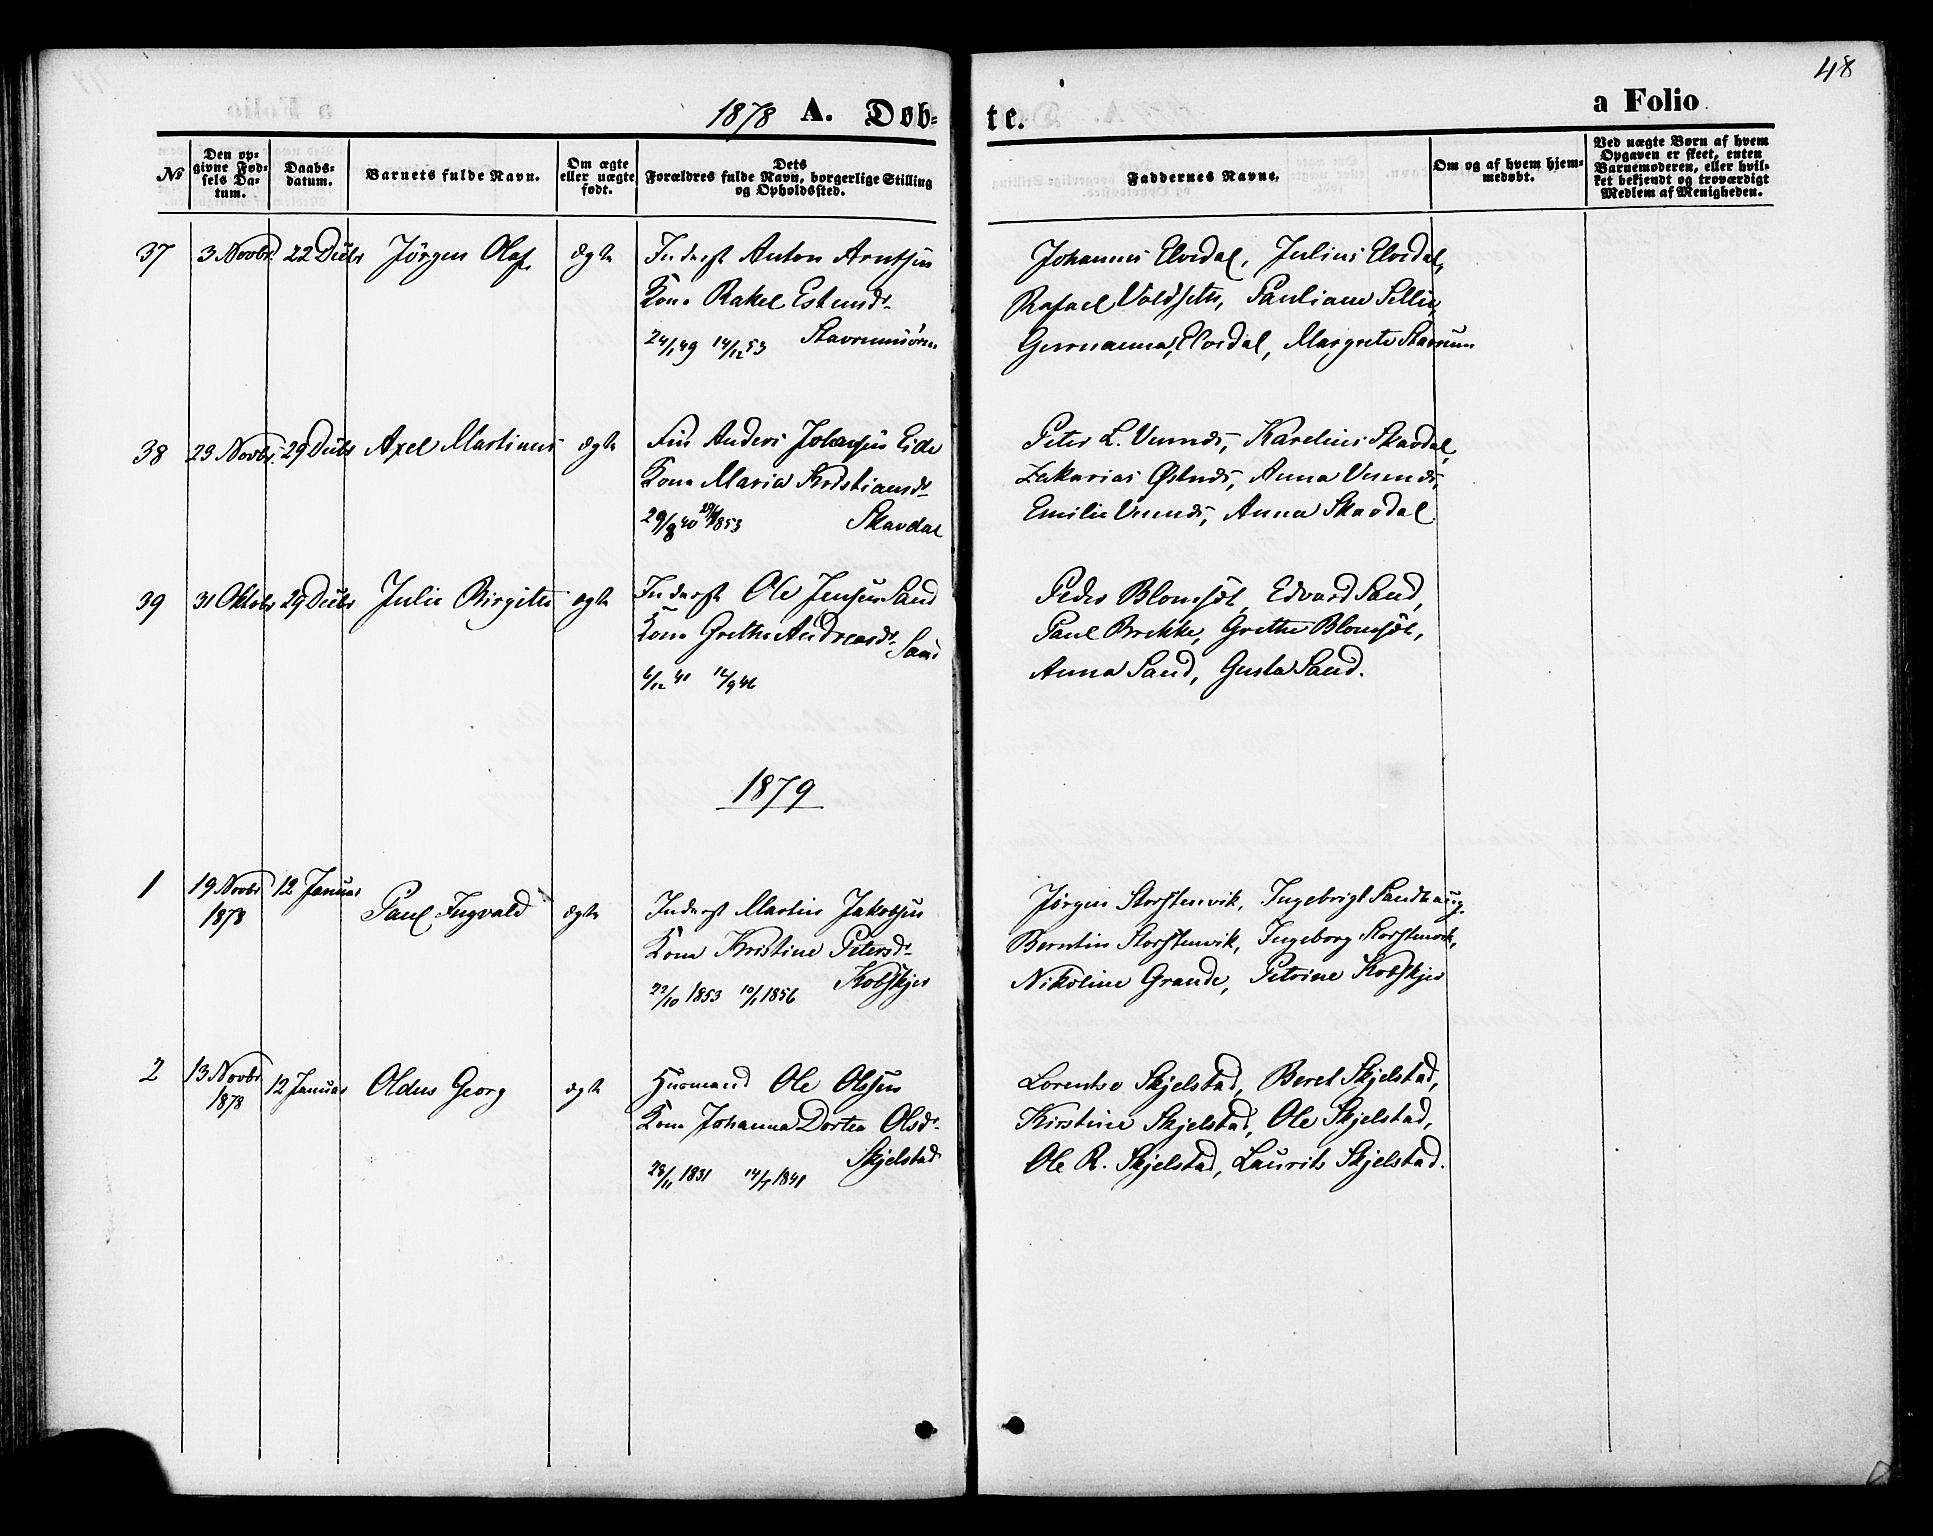 SAT, Ministerialprotokoller, klokkerbøker og fødselsregistre - Nord-Trøndelag, 744/L0419: Ministerialbok nr. 744A03, 1867-1881, s. 48